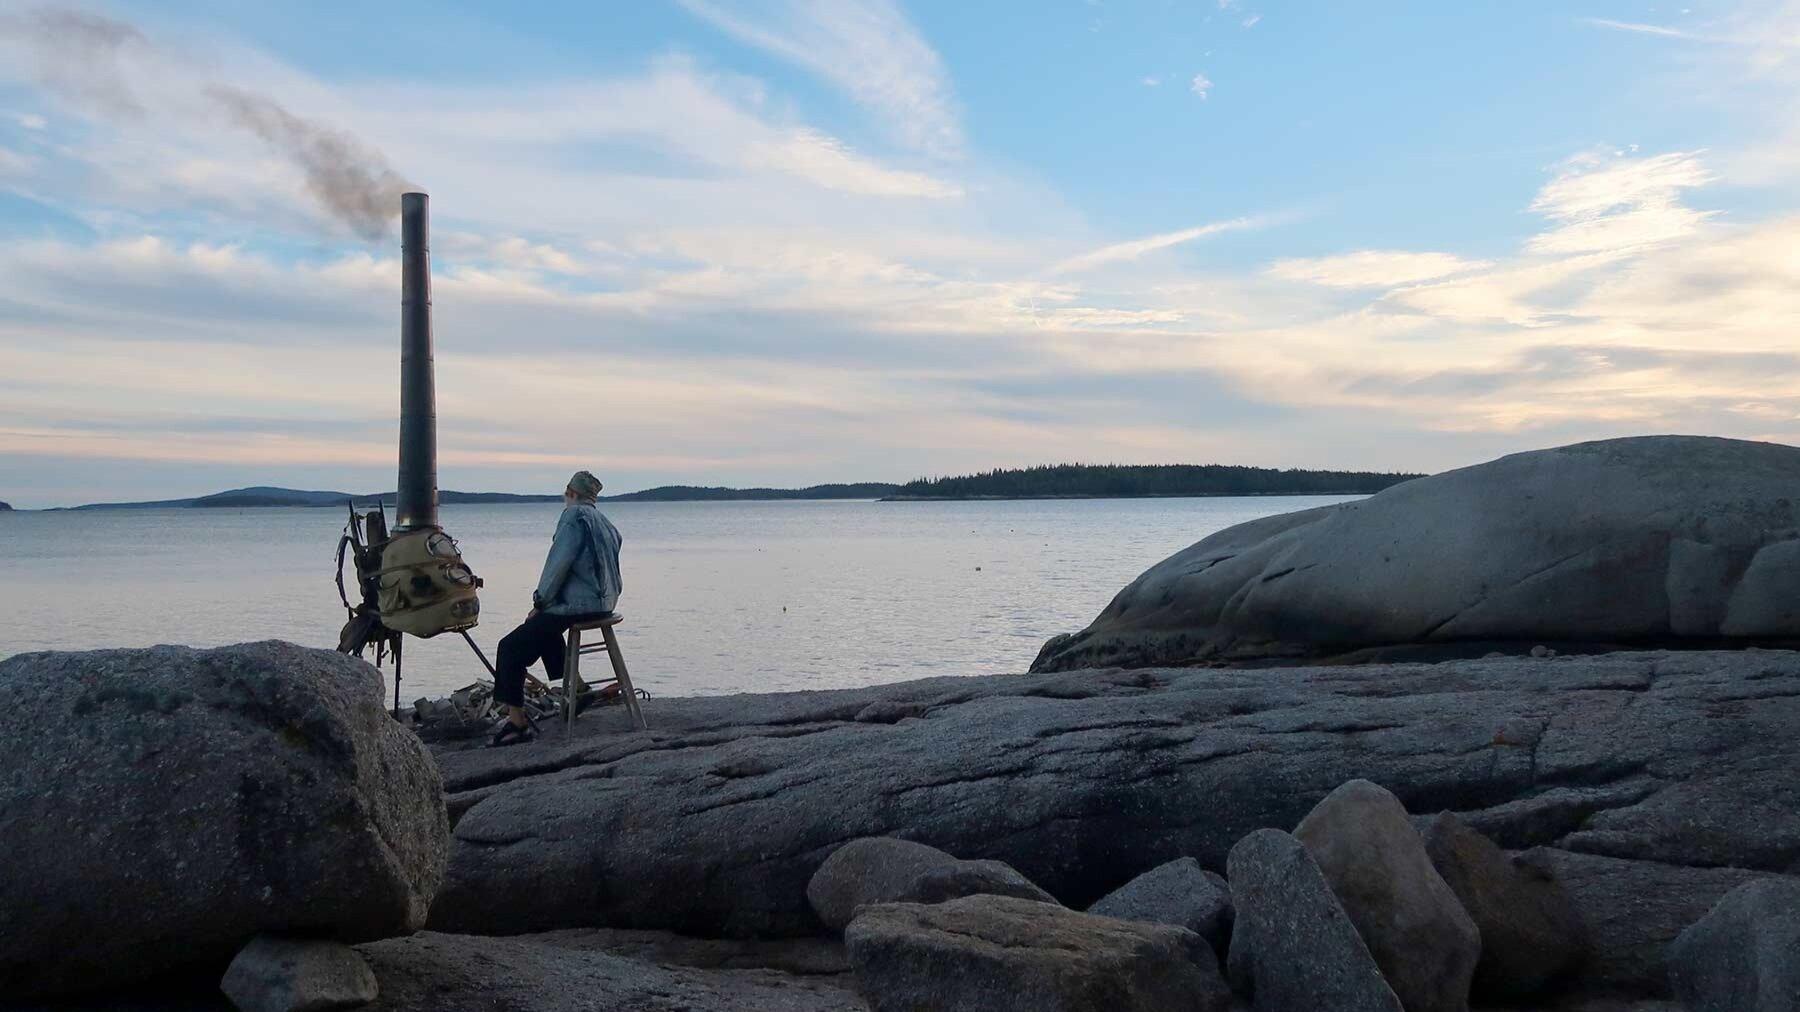 A man sits next to a handmade kiln near the ocean